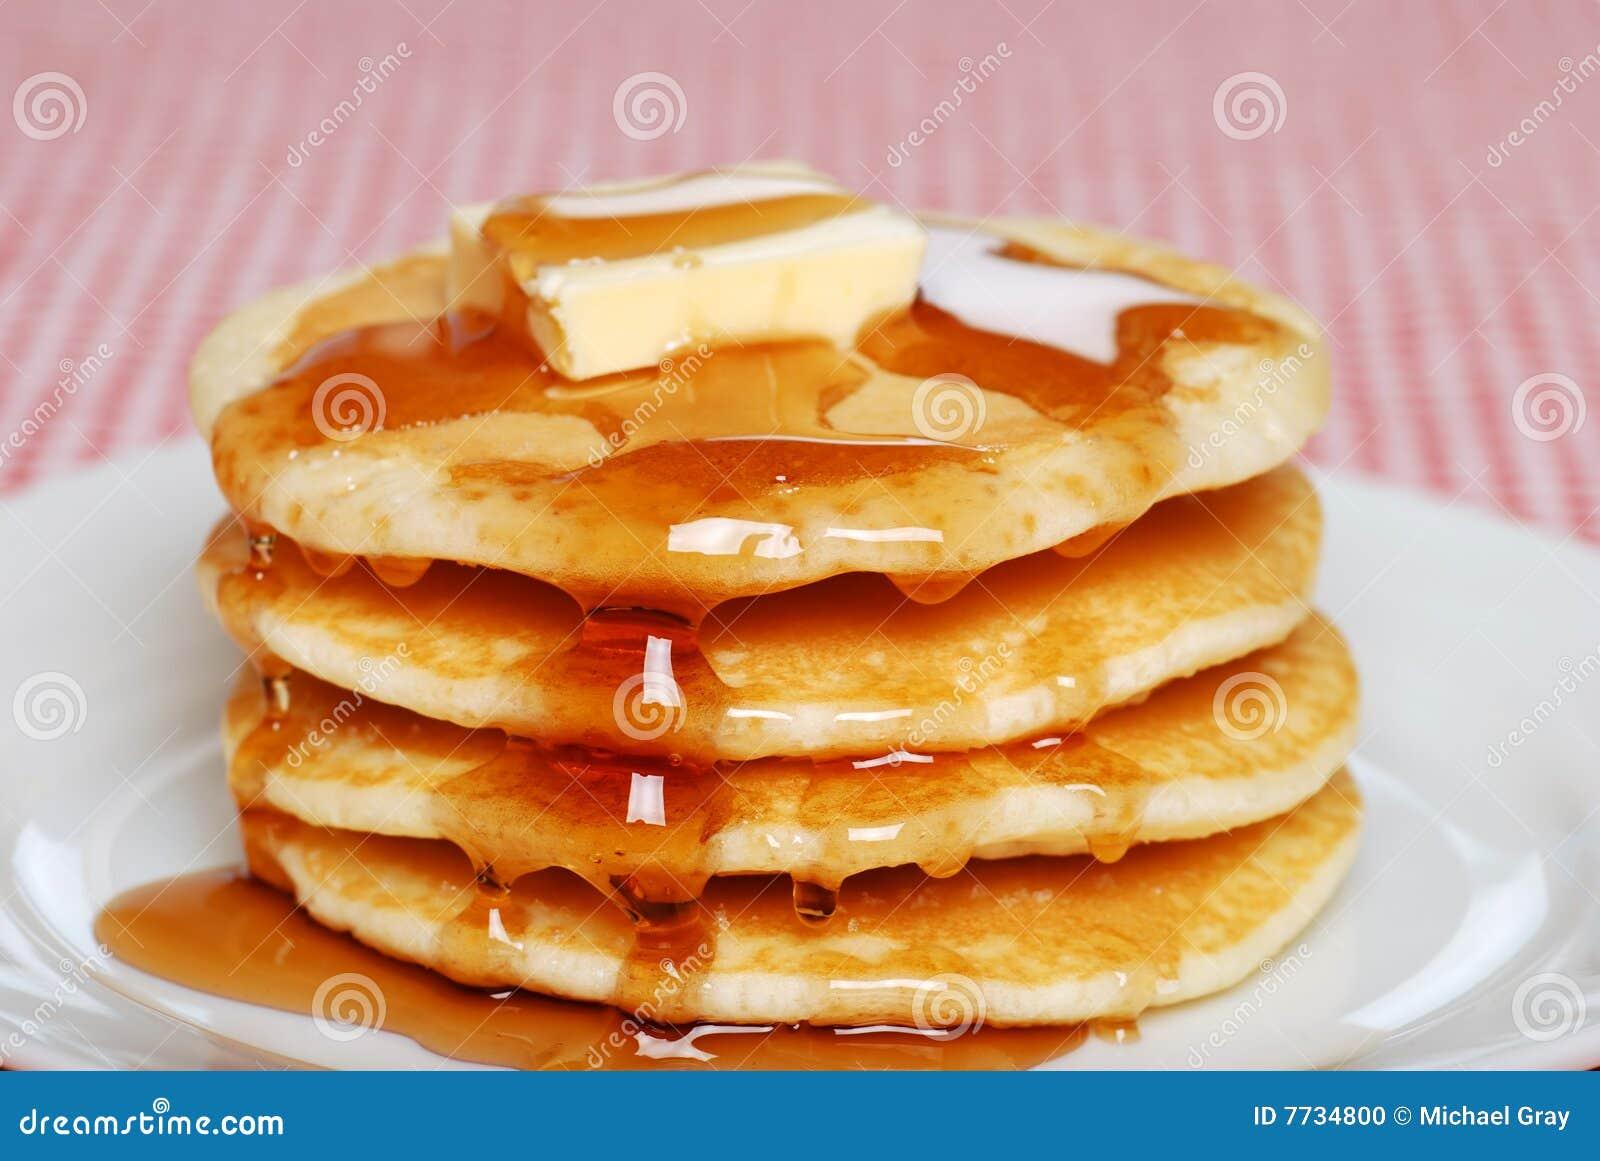 Pannekoeken met stroop en boter